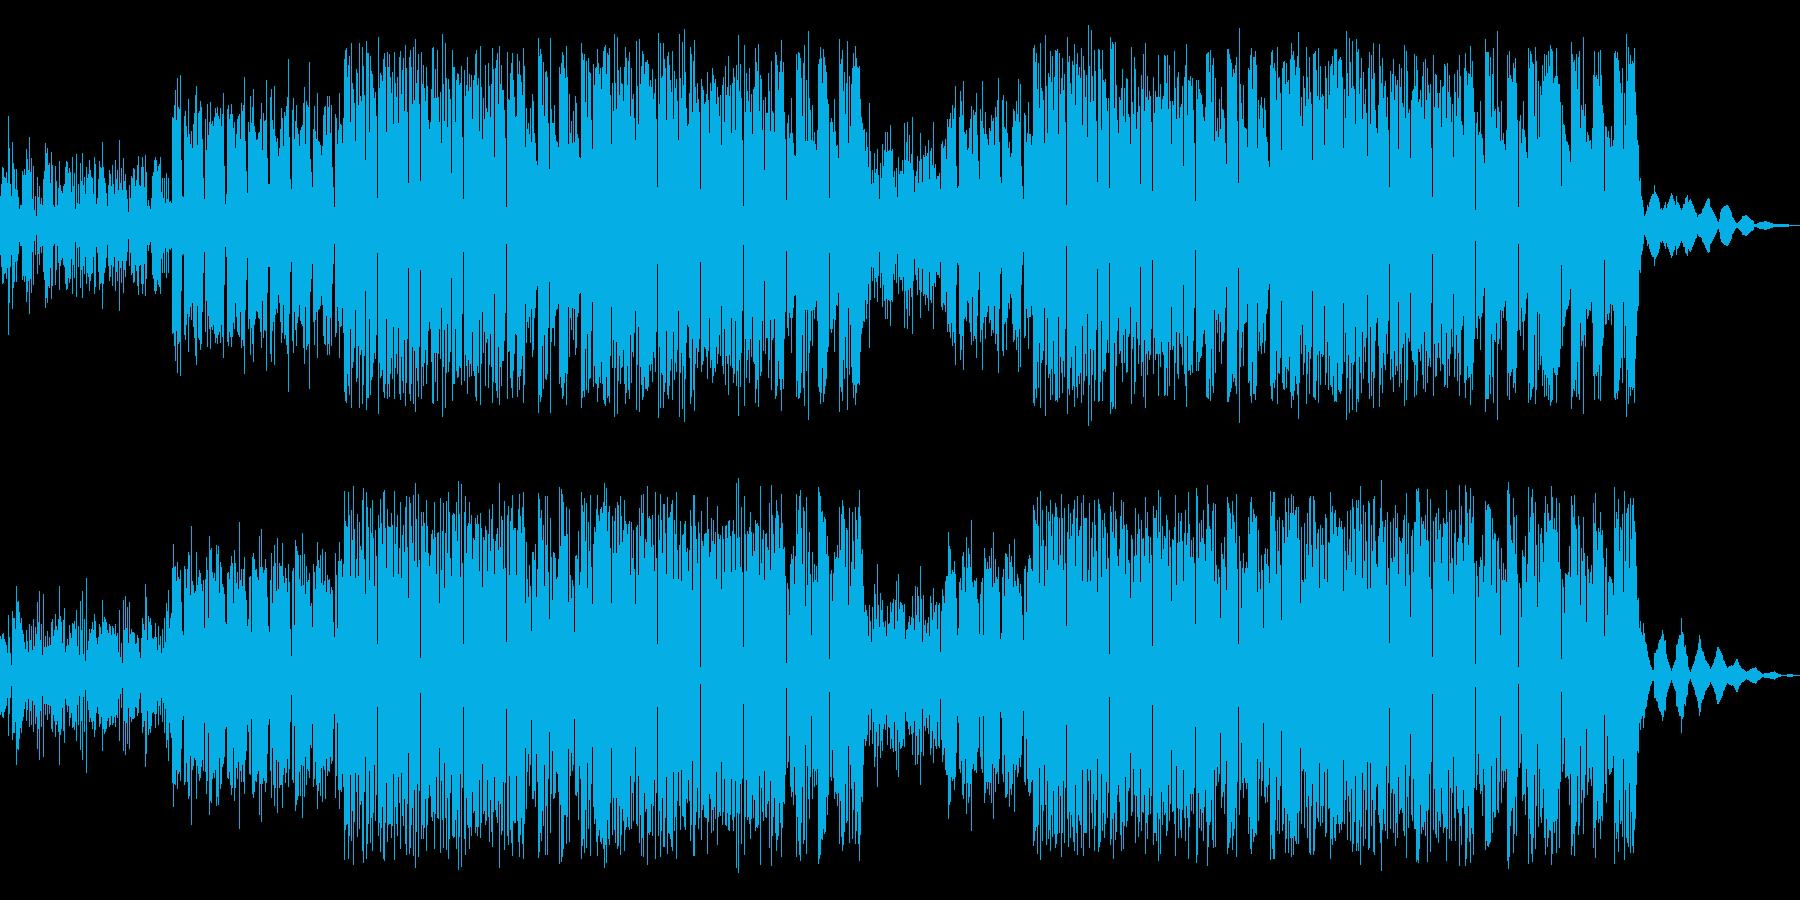 サイバーなラスボス ブレイクビーツEDMの再生済みの波形